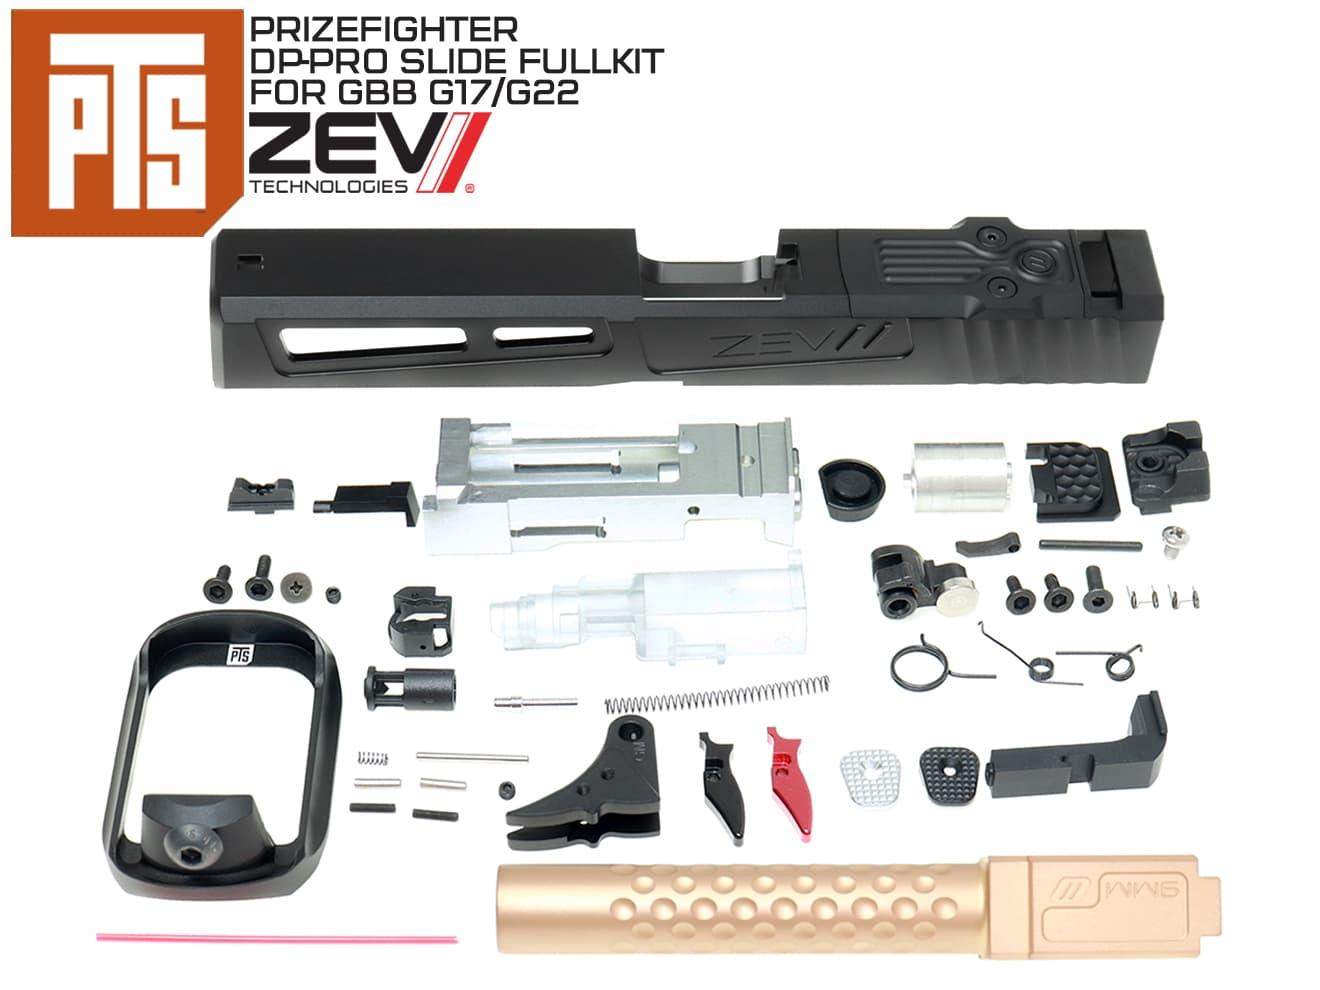 PTS ZEV Prizefighter DP-PRO G17 スライド/アウターバレル フルキット◆G17G22 プライズファイター マグウェルコンバットサイトステンレスバレル正規ライセンス